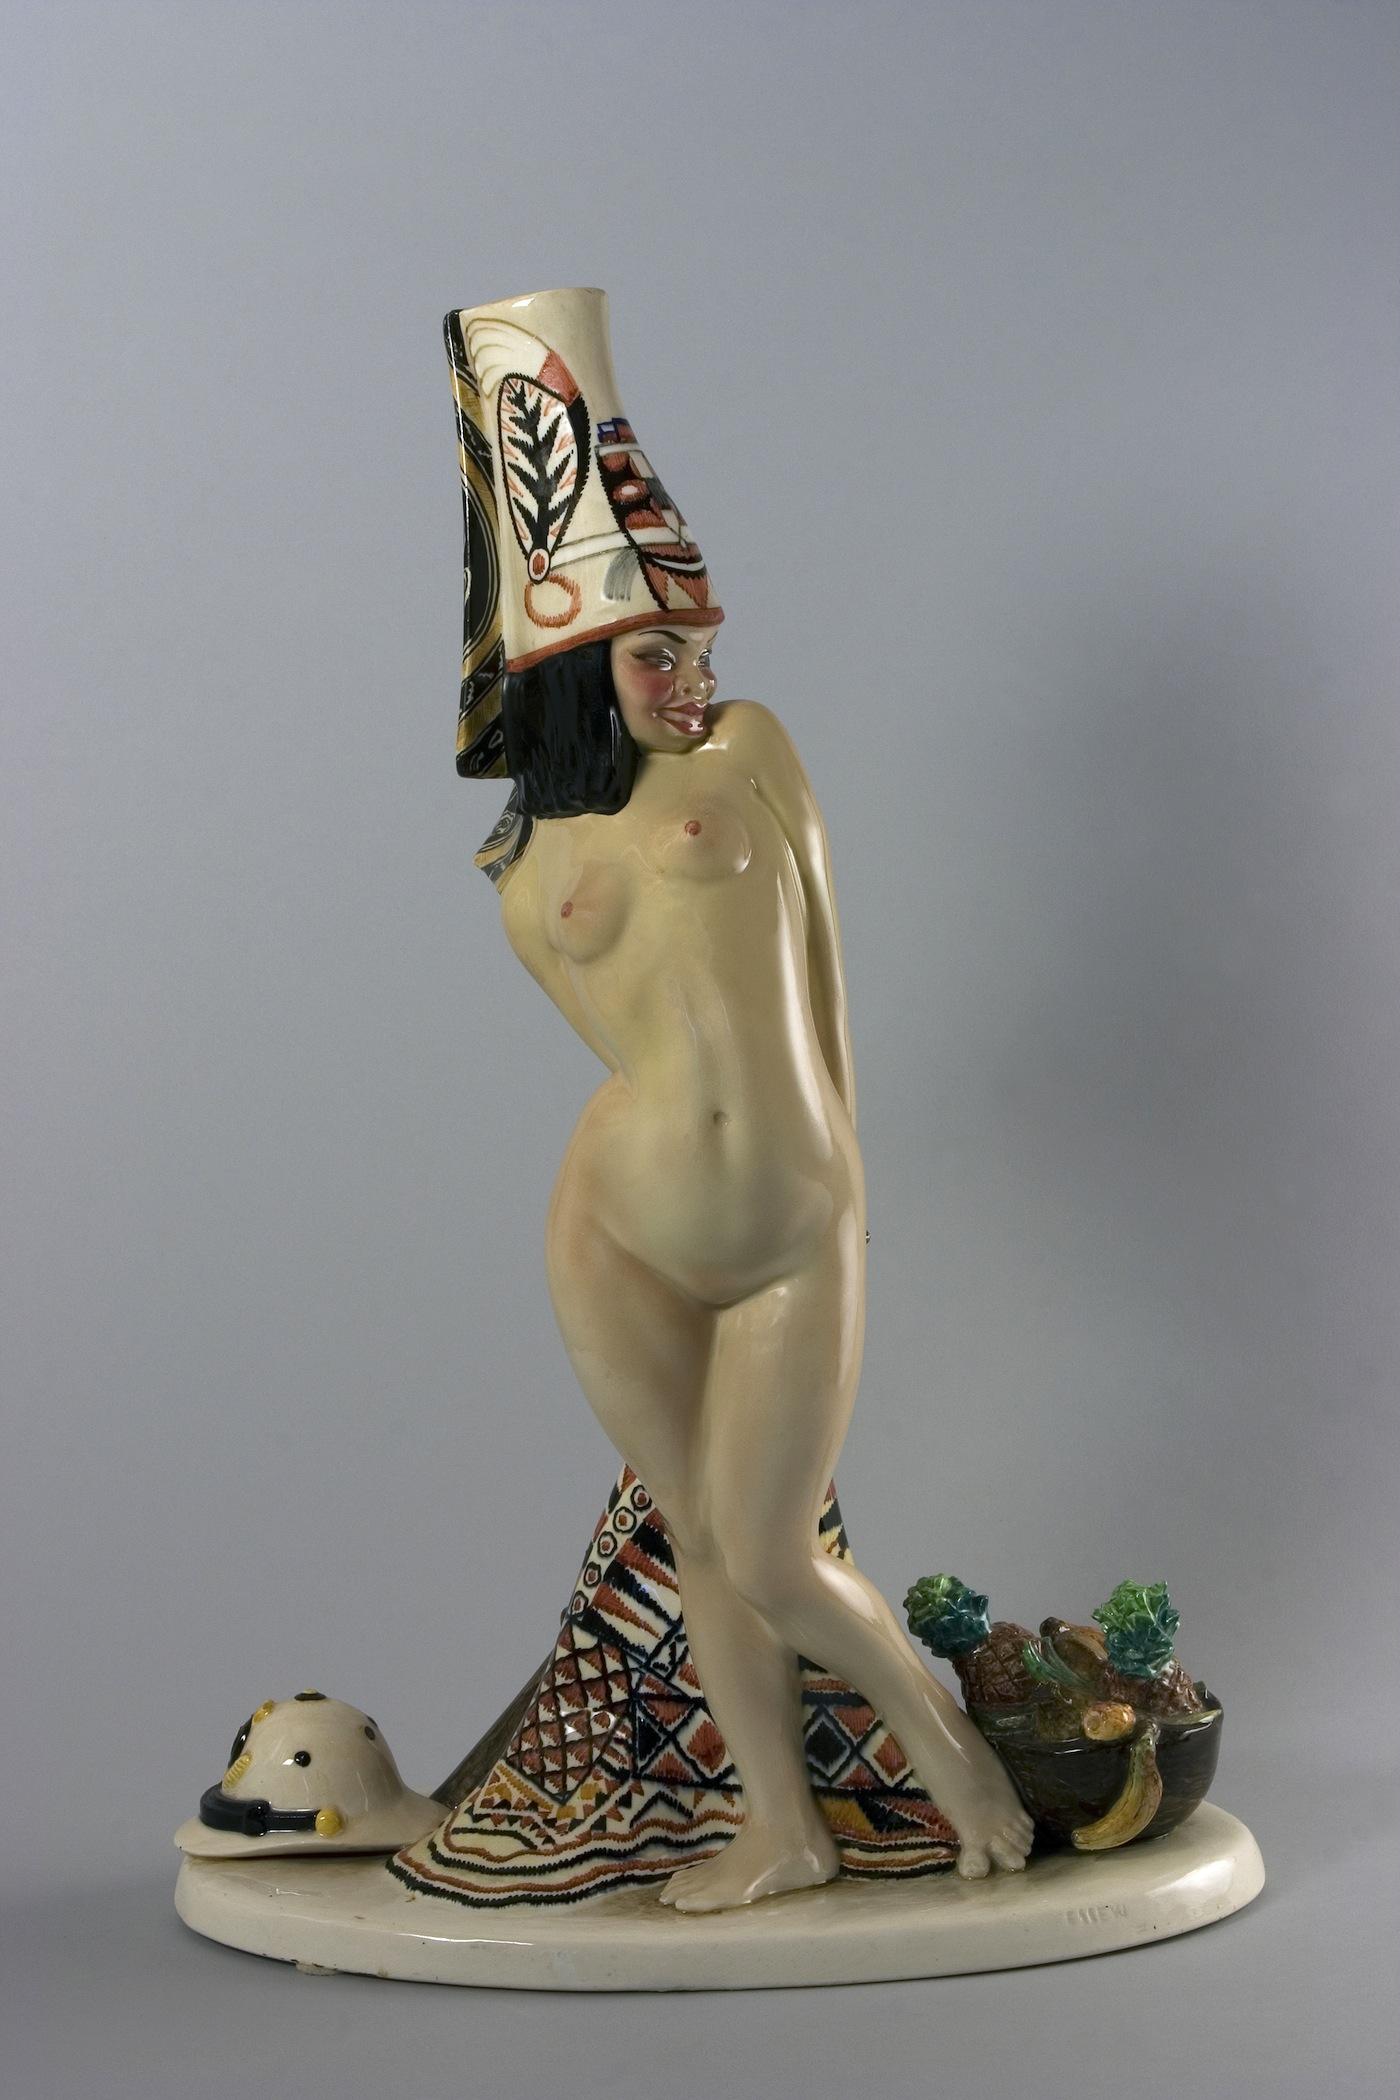 Sandro Vacchetti, Abissina, terraglia, 1931, h. 54 x 37 x 19 cm